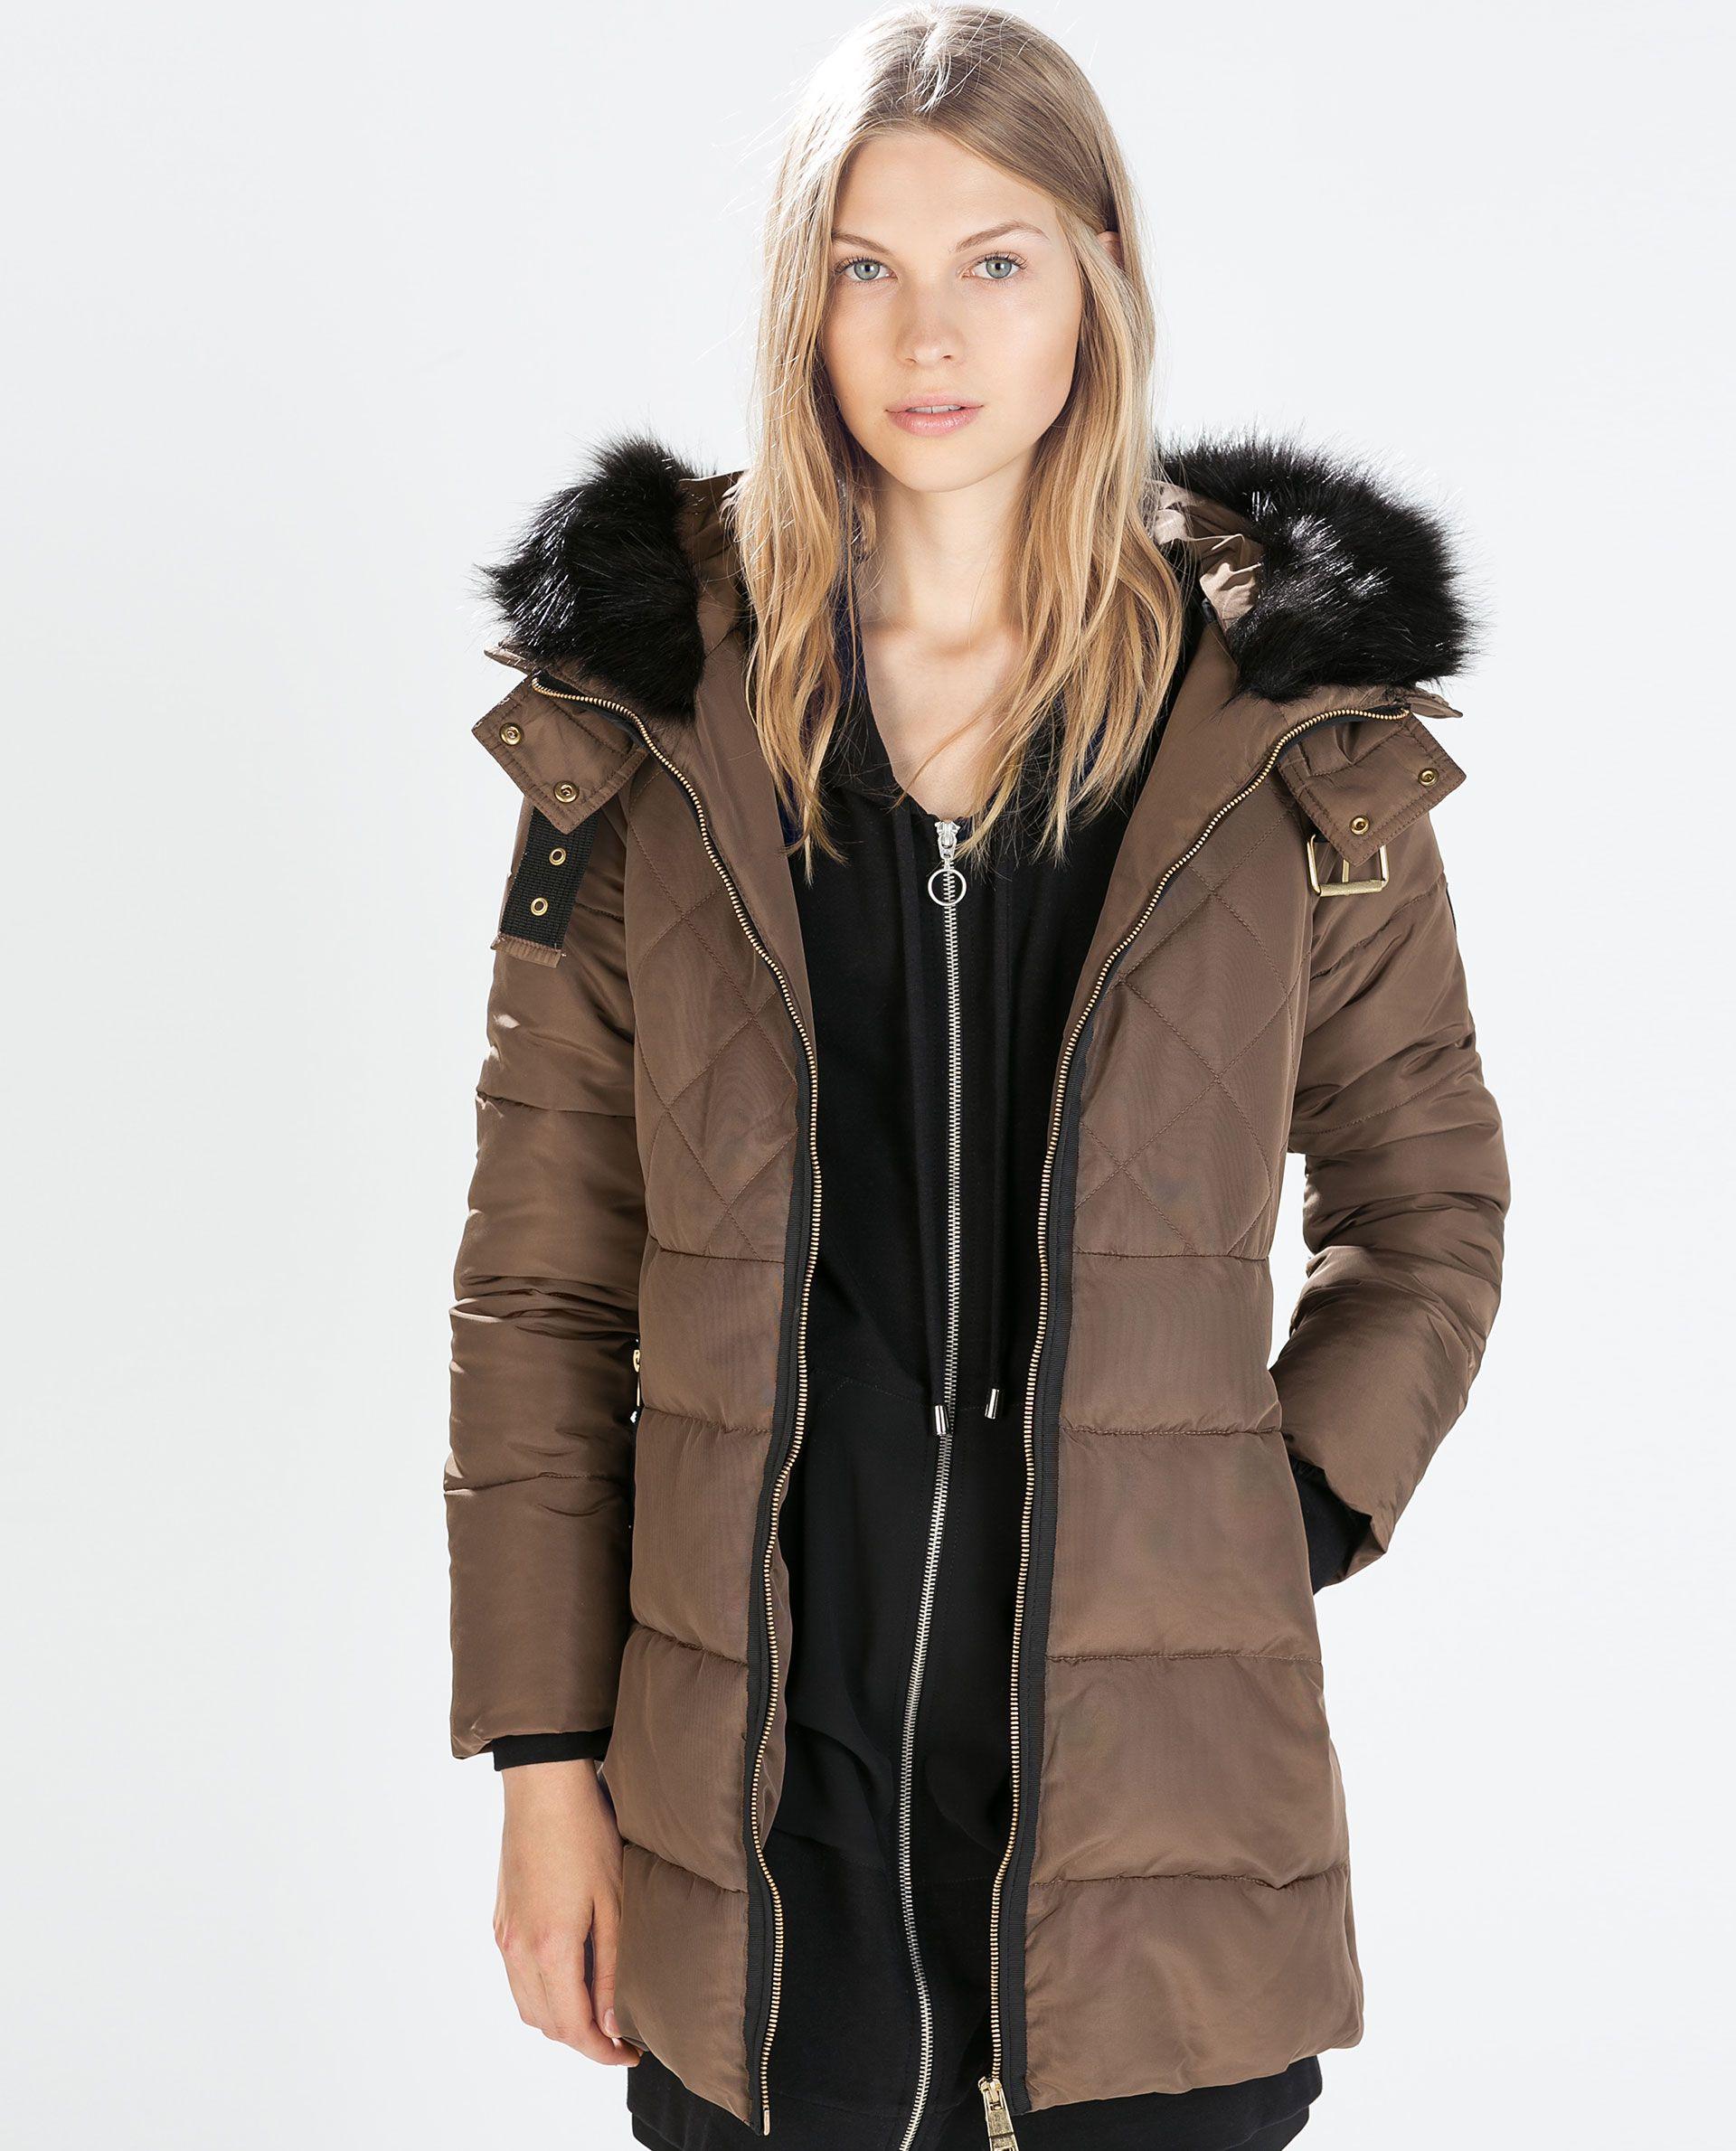 Pin en Fall/winter fashions